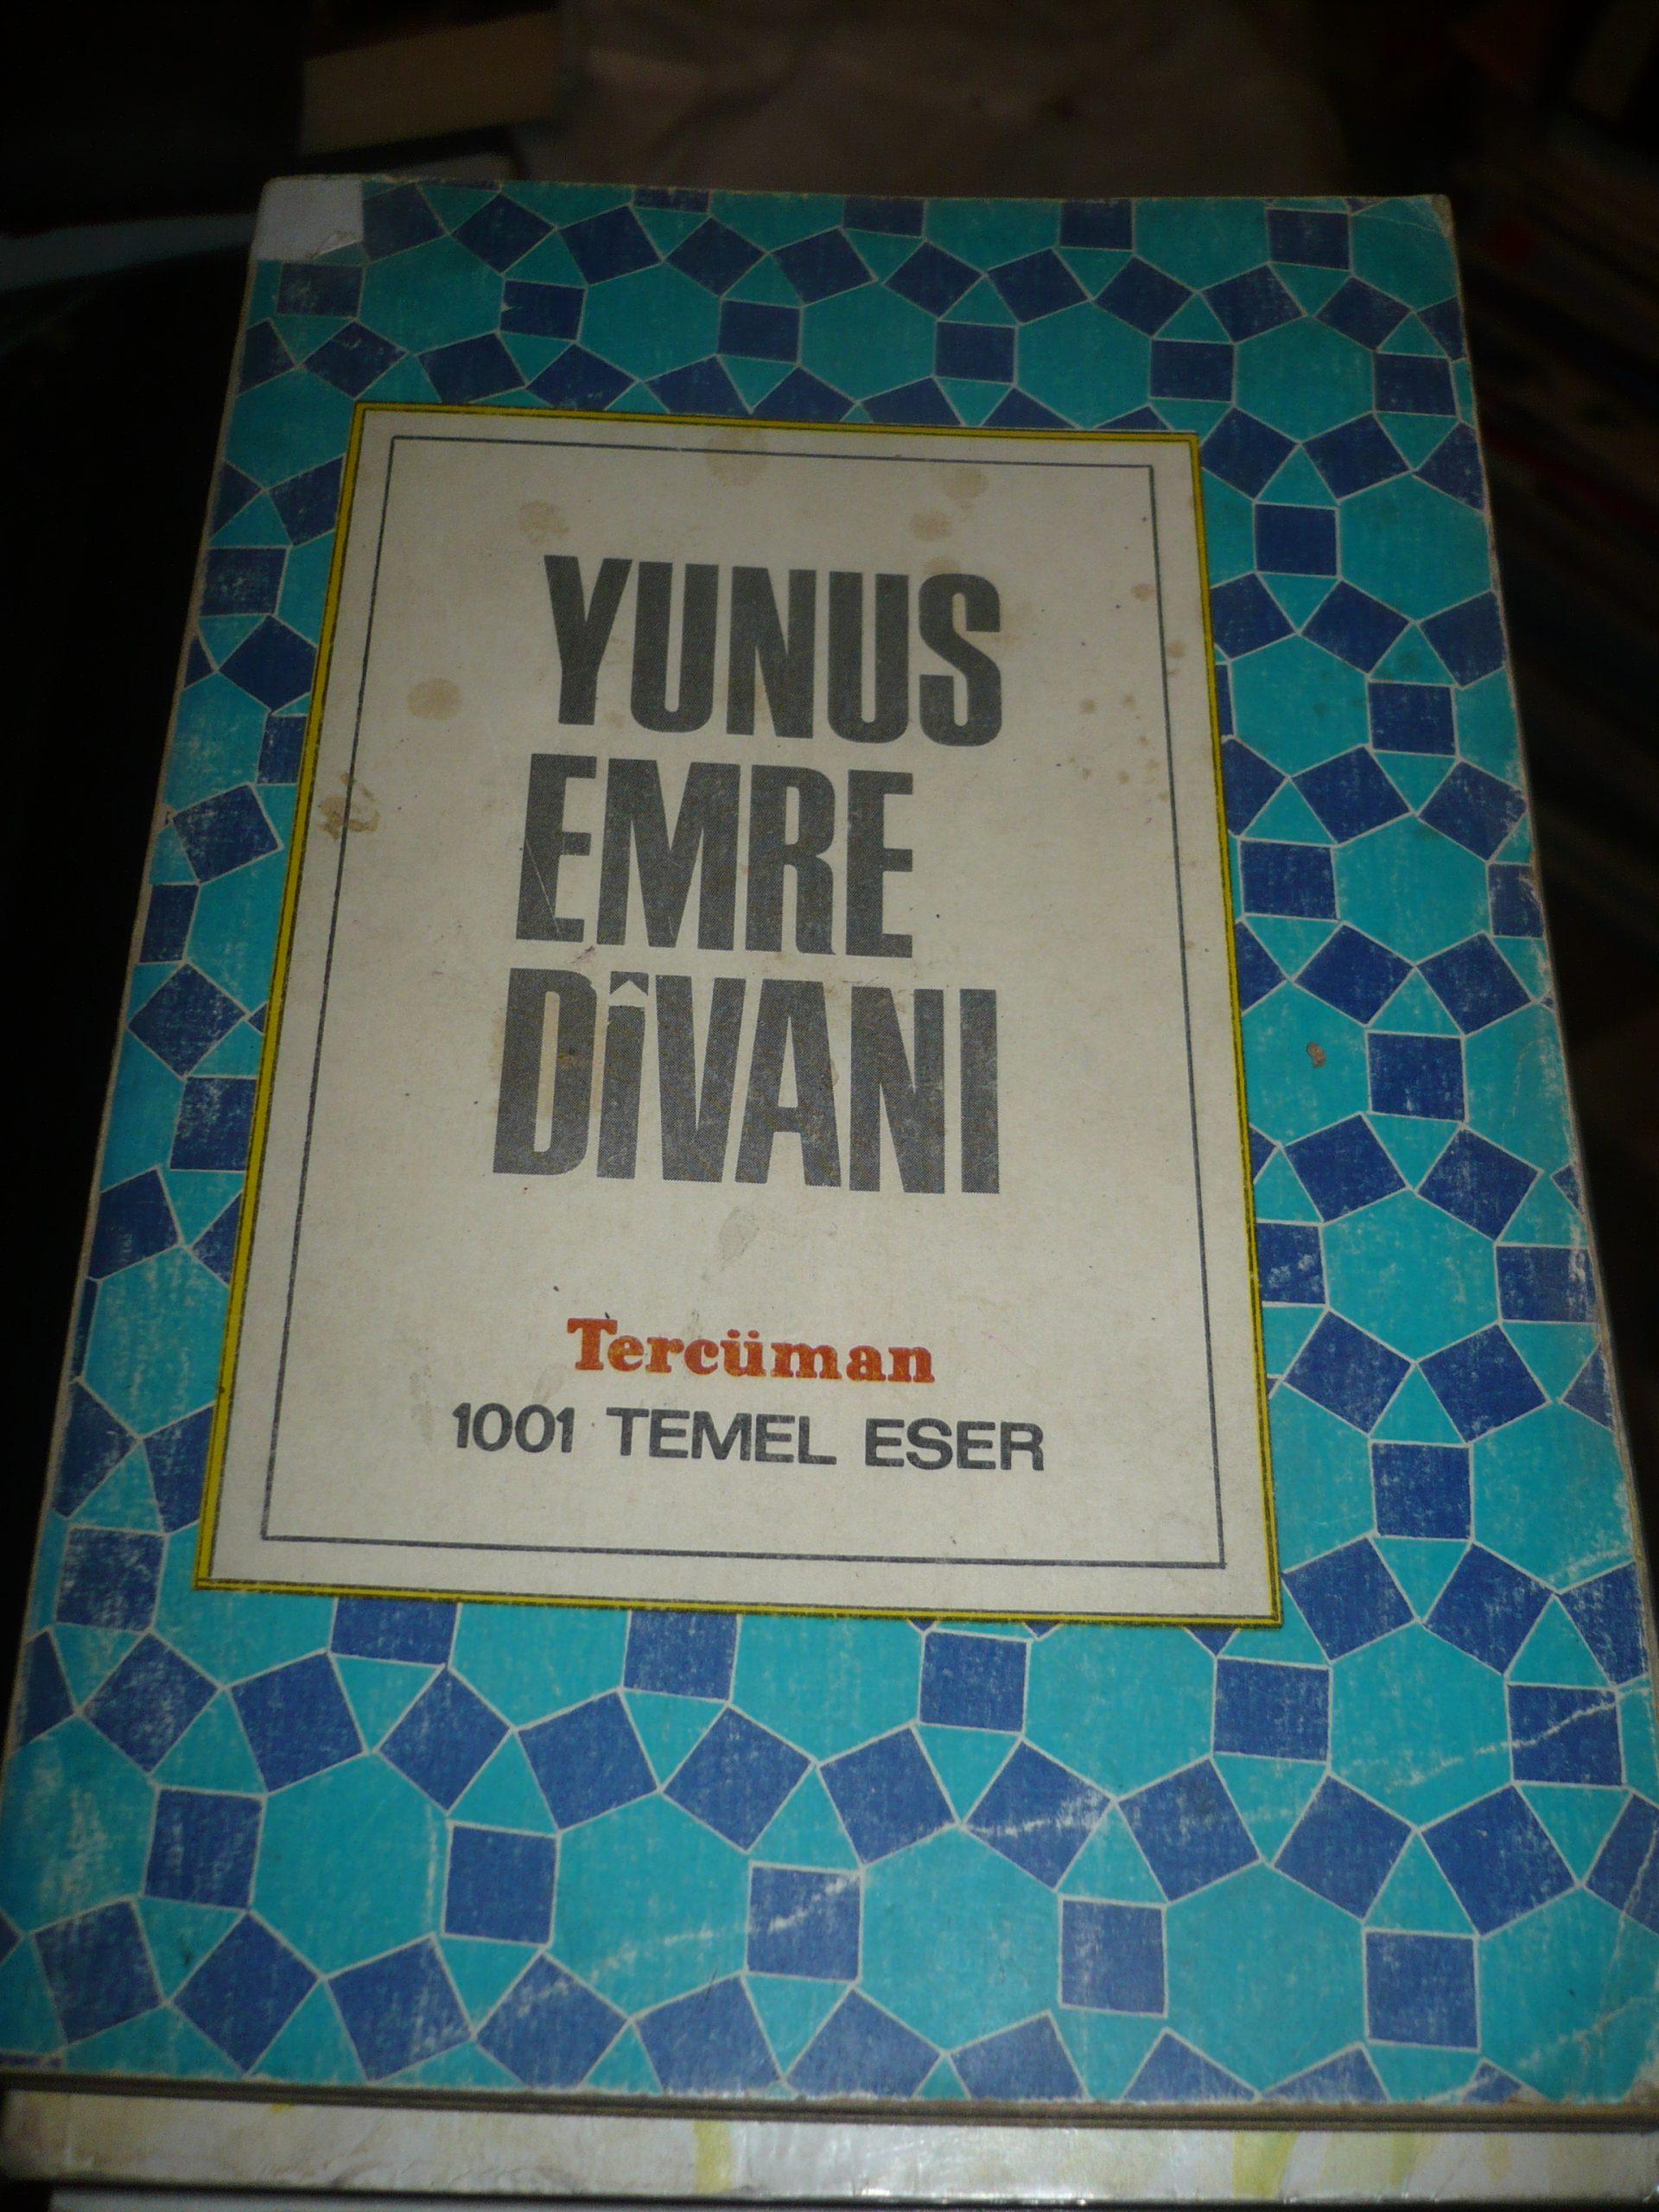 YUNUS EMRE DİVANI/ FARUK K. TİMURTAŞ/TERCÜMAN 1001 TEMEL ESER/10 TL